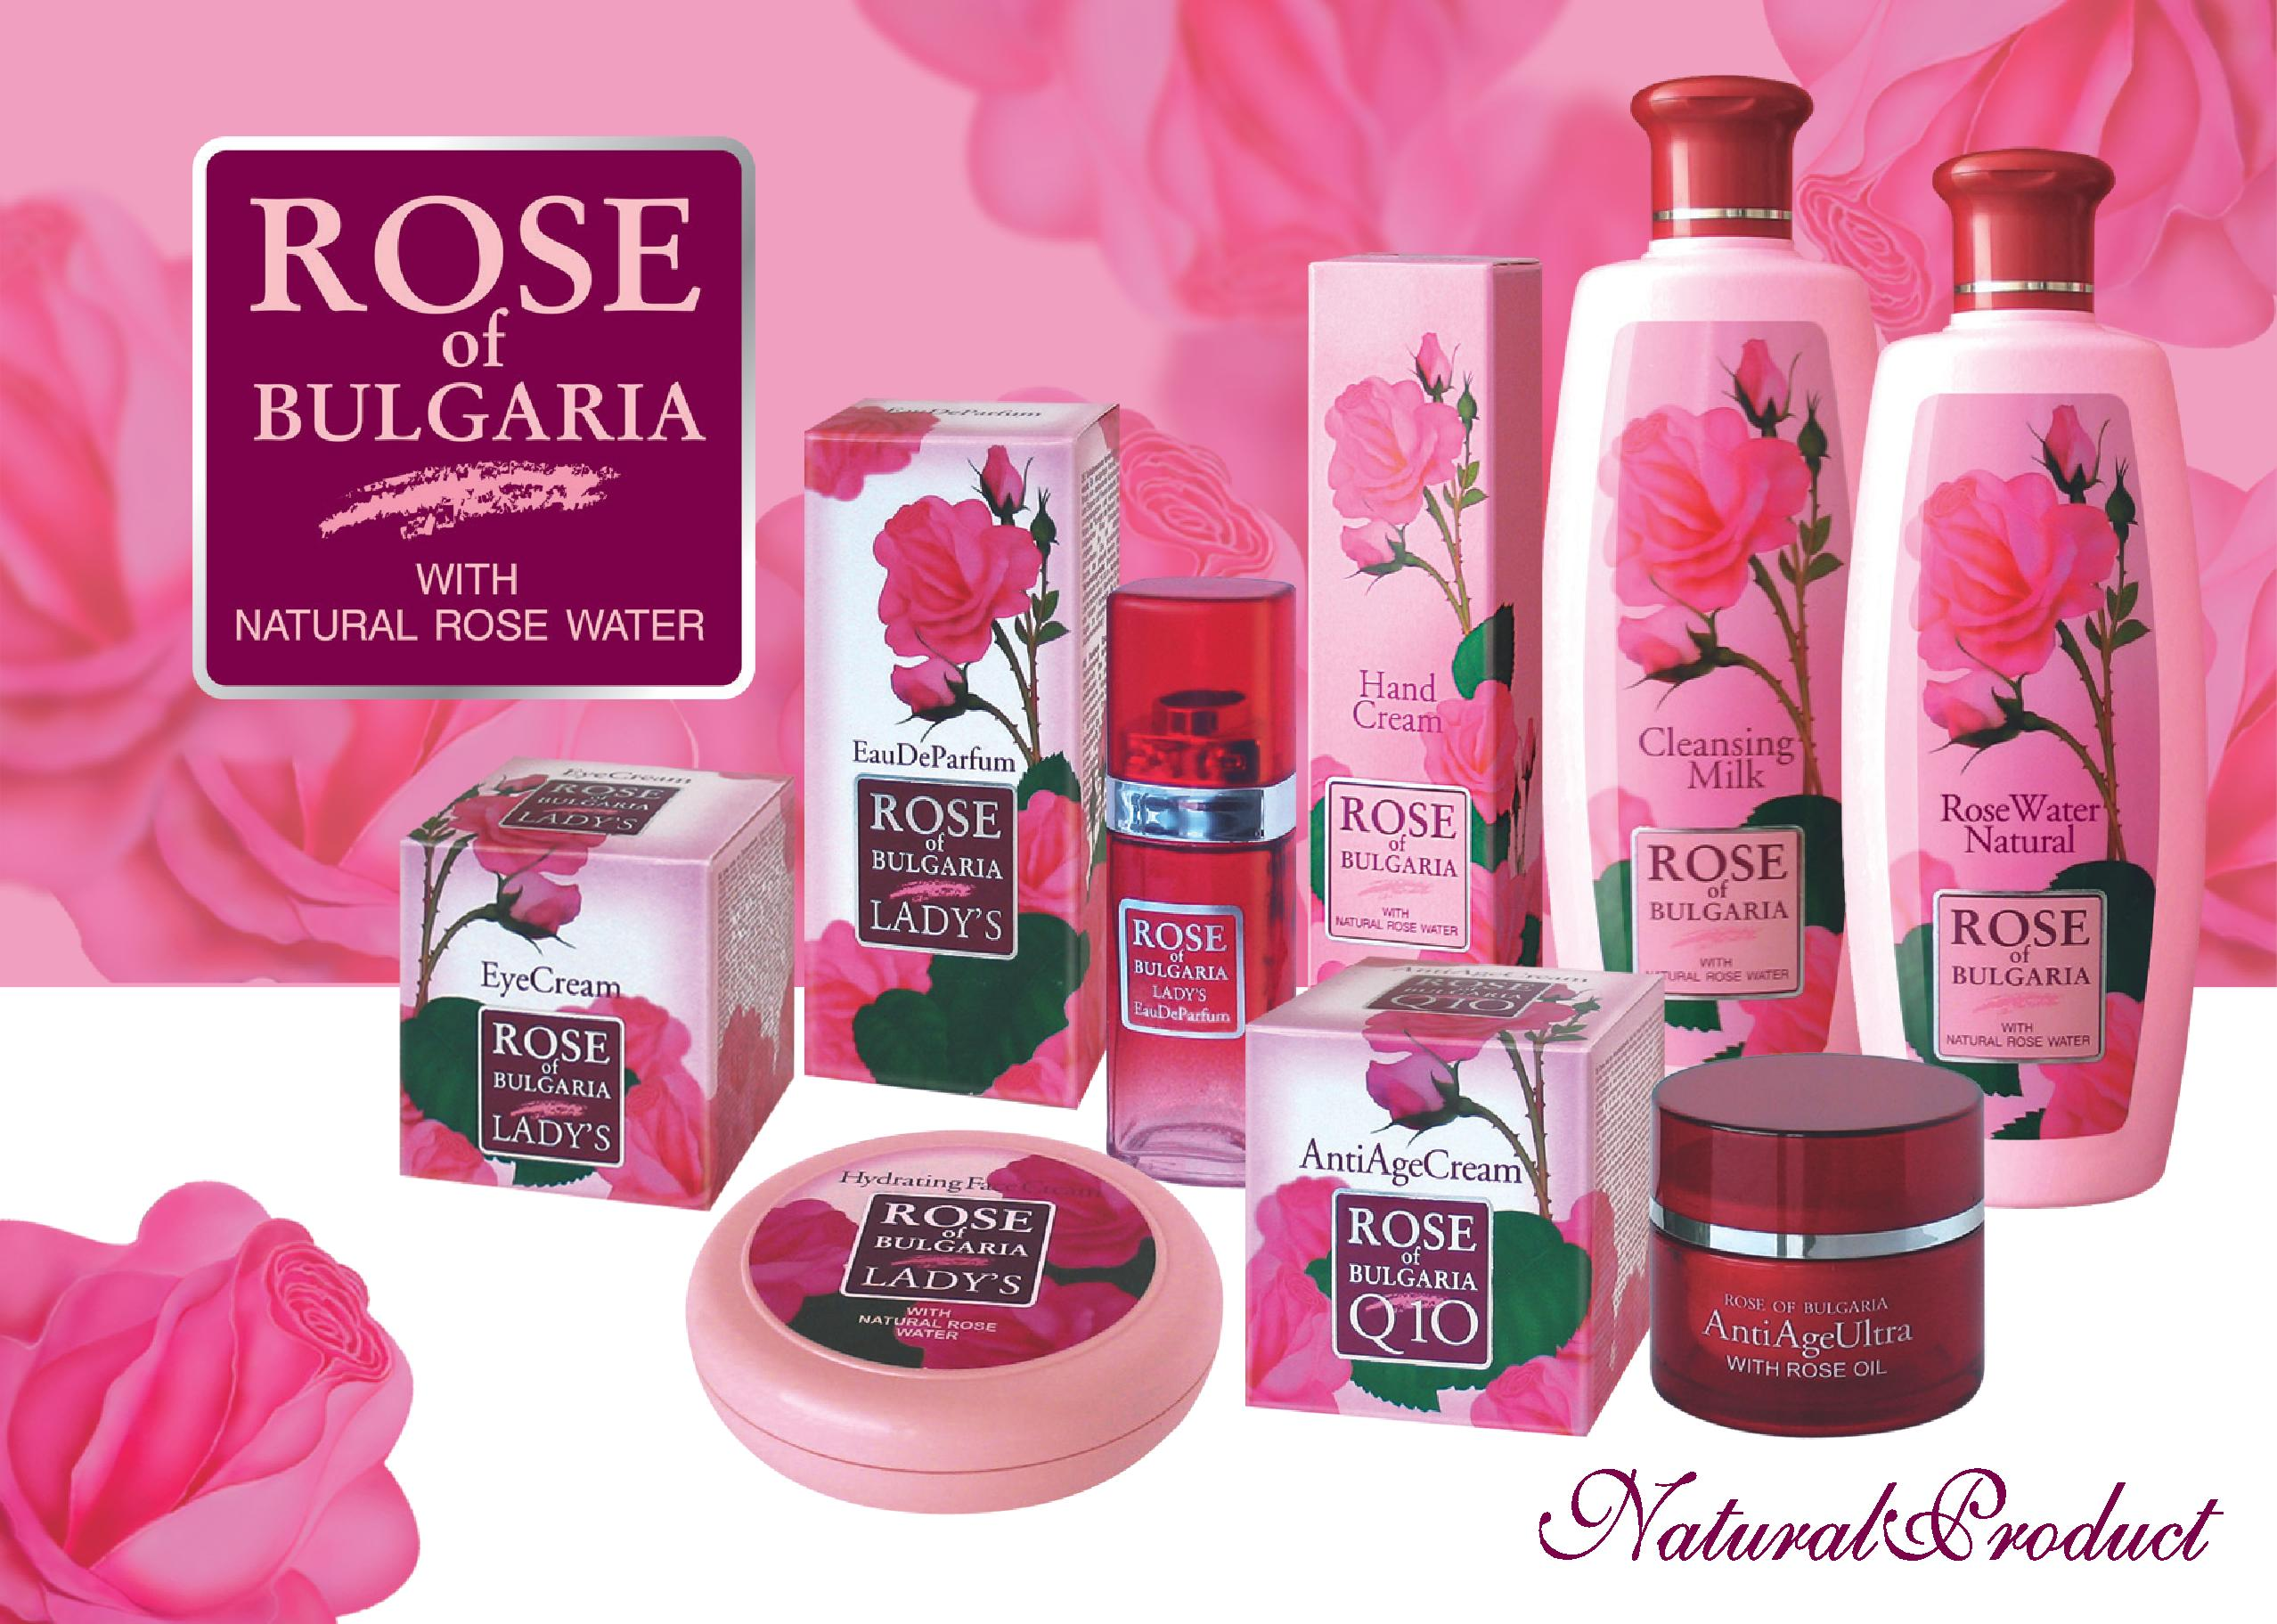 Сбор заказов. Золото природы для Вашей красоты. 100% натуральная косметика из сердца Болгарии на основе масел розы